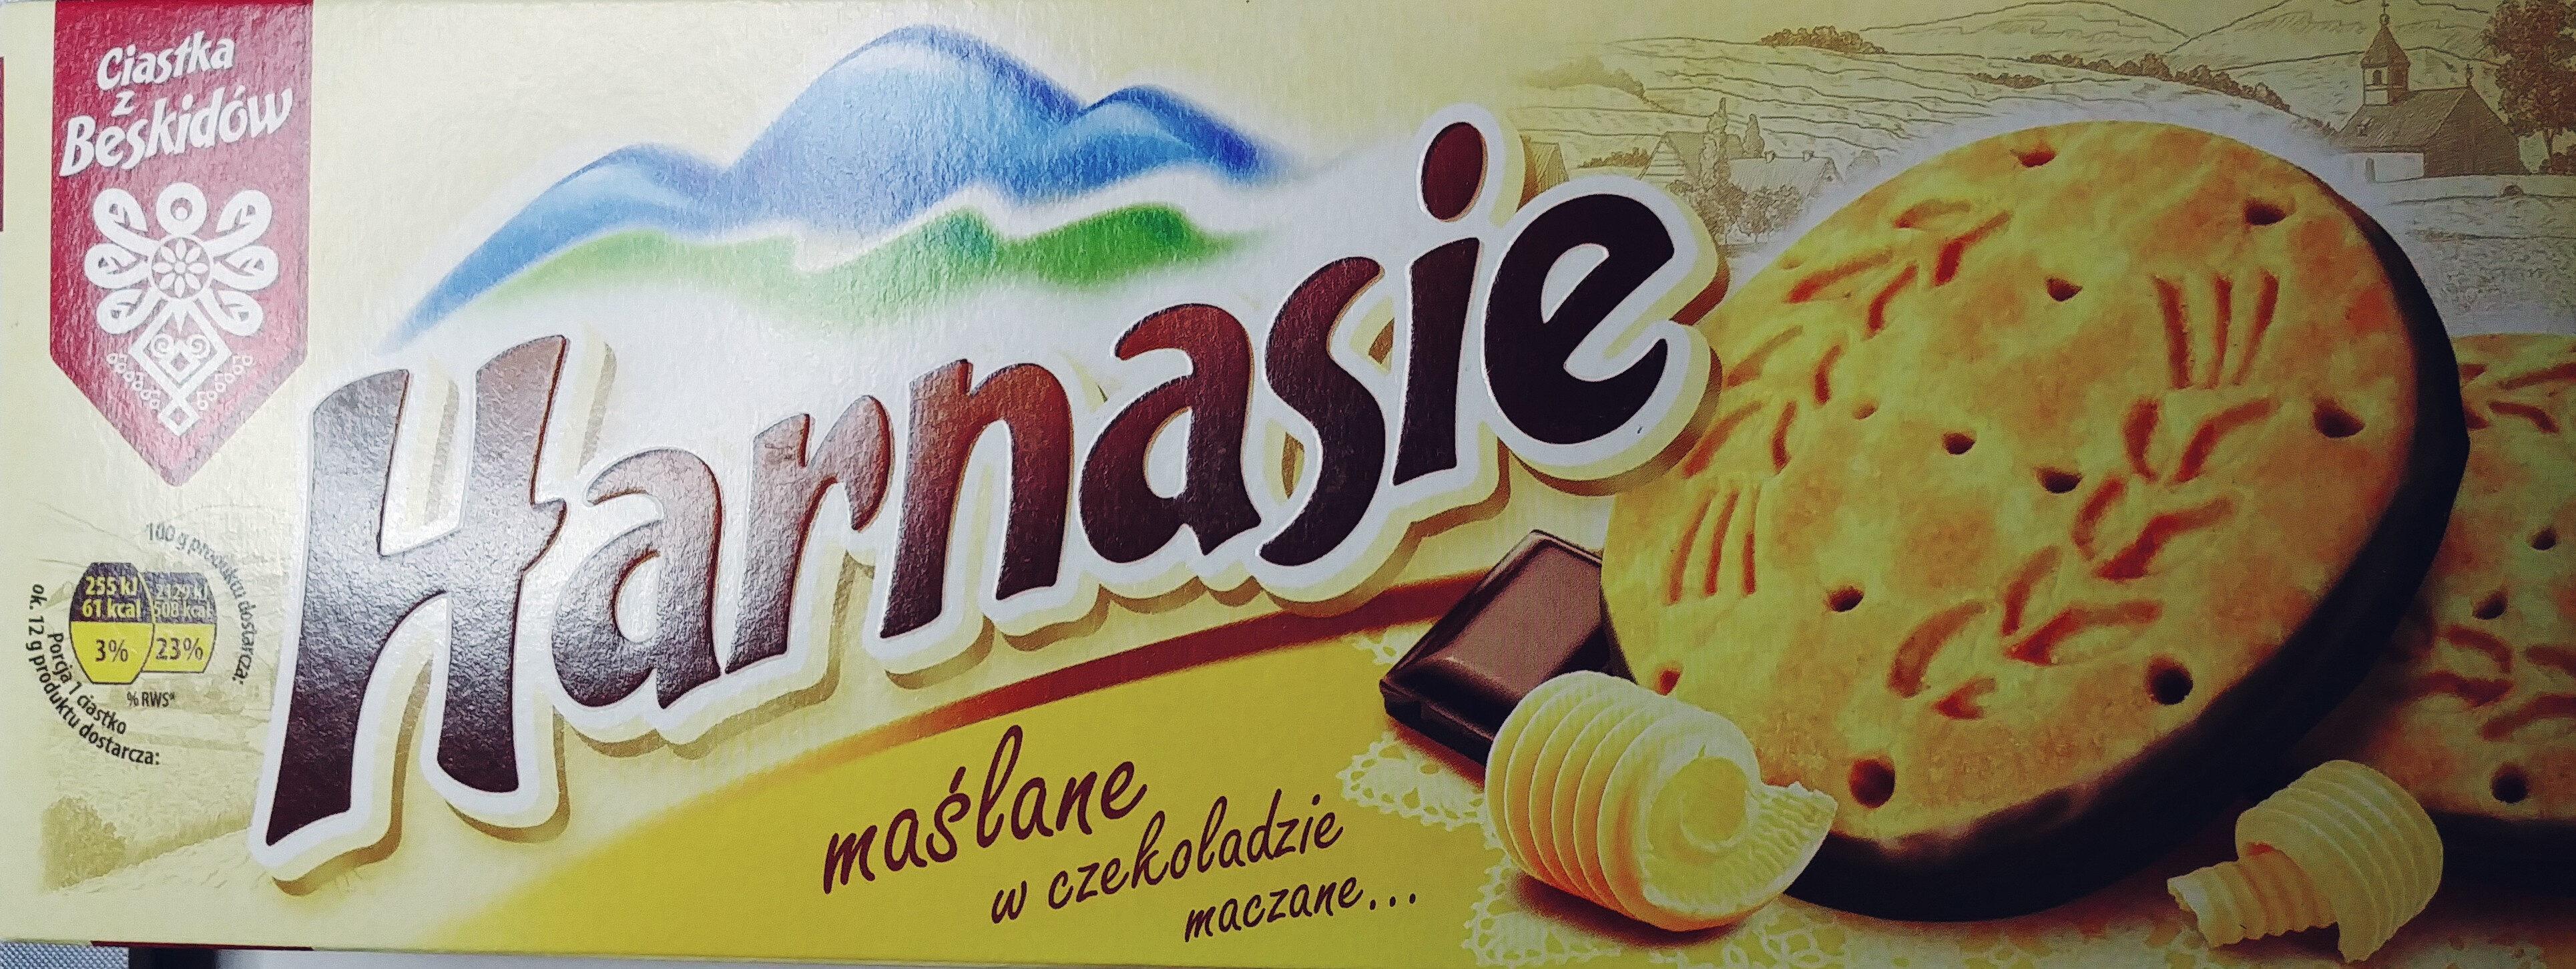 Harnasie maślane w czekoladzie - Produit - pl